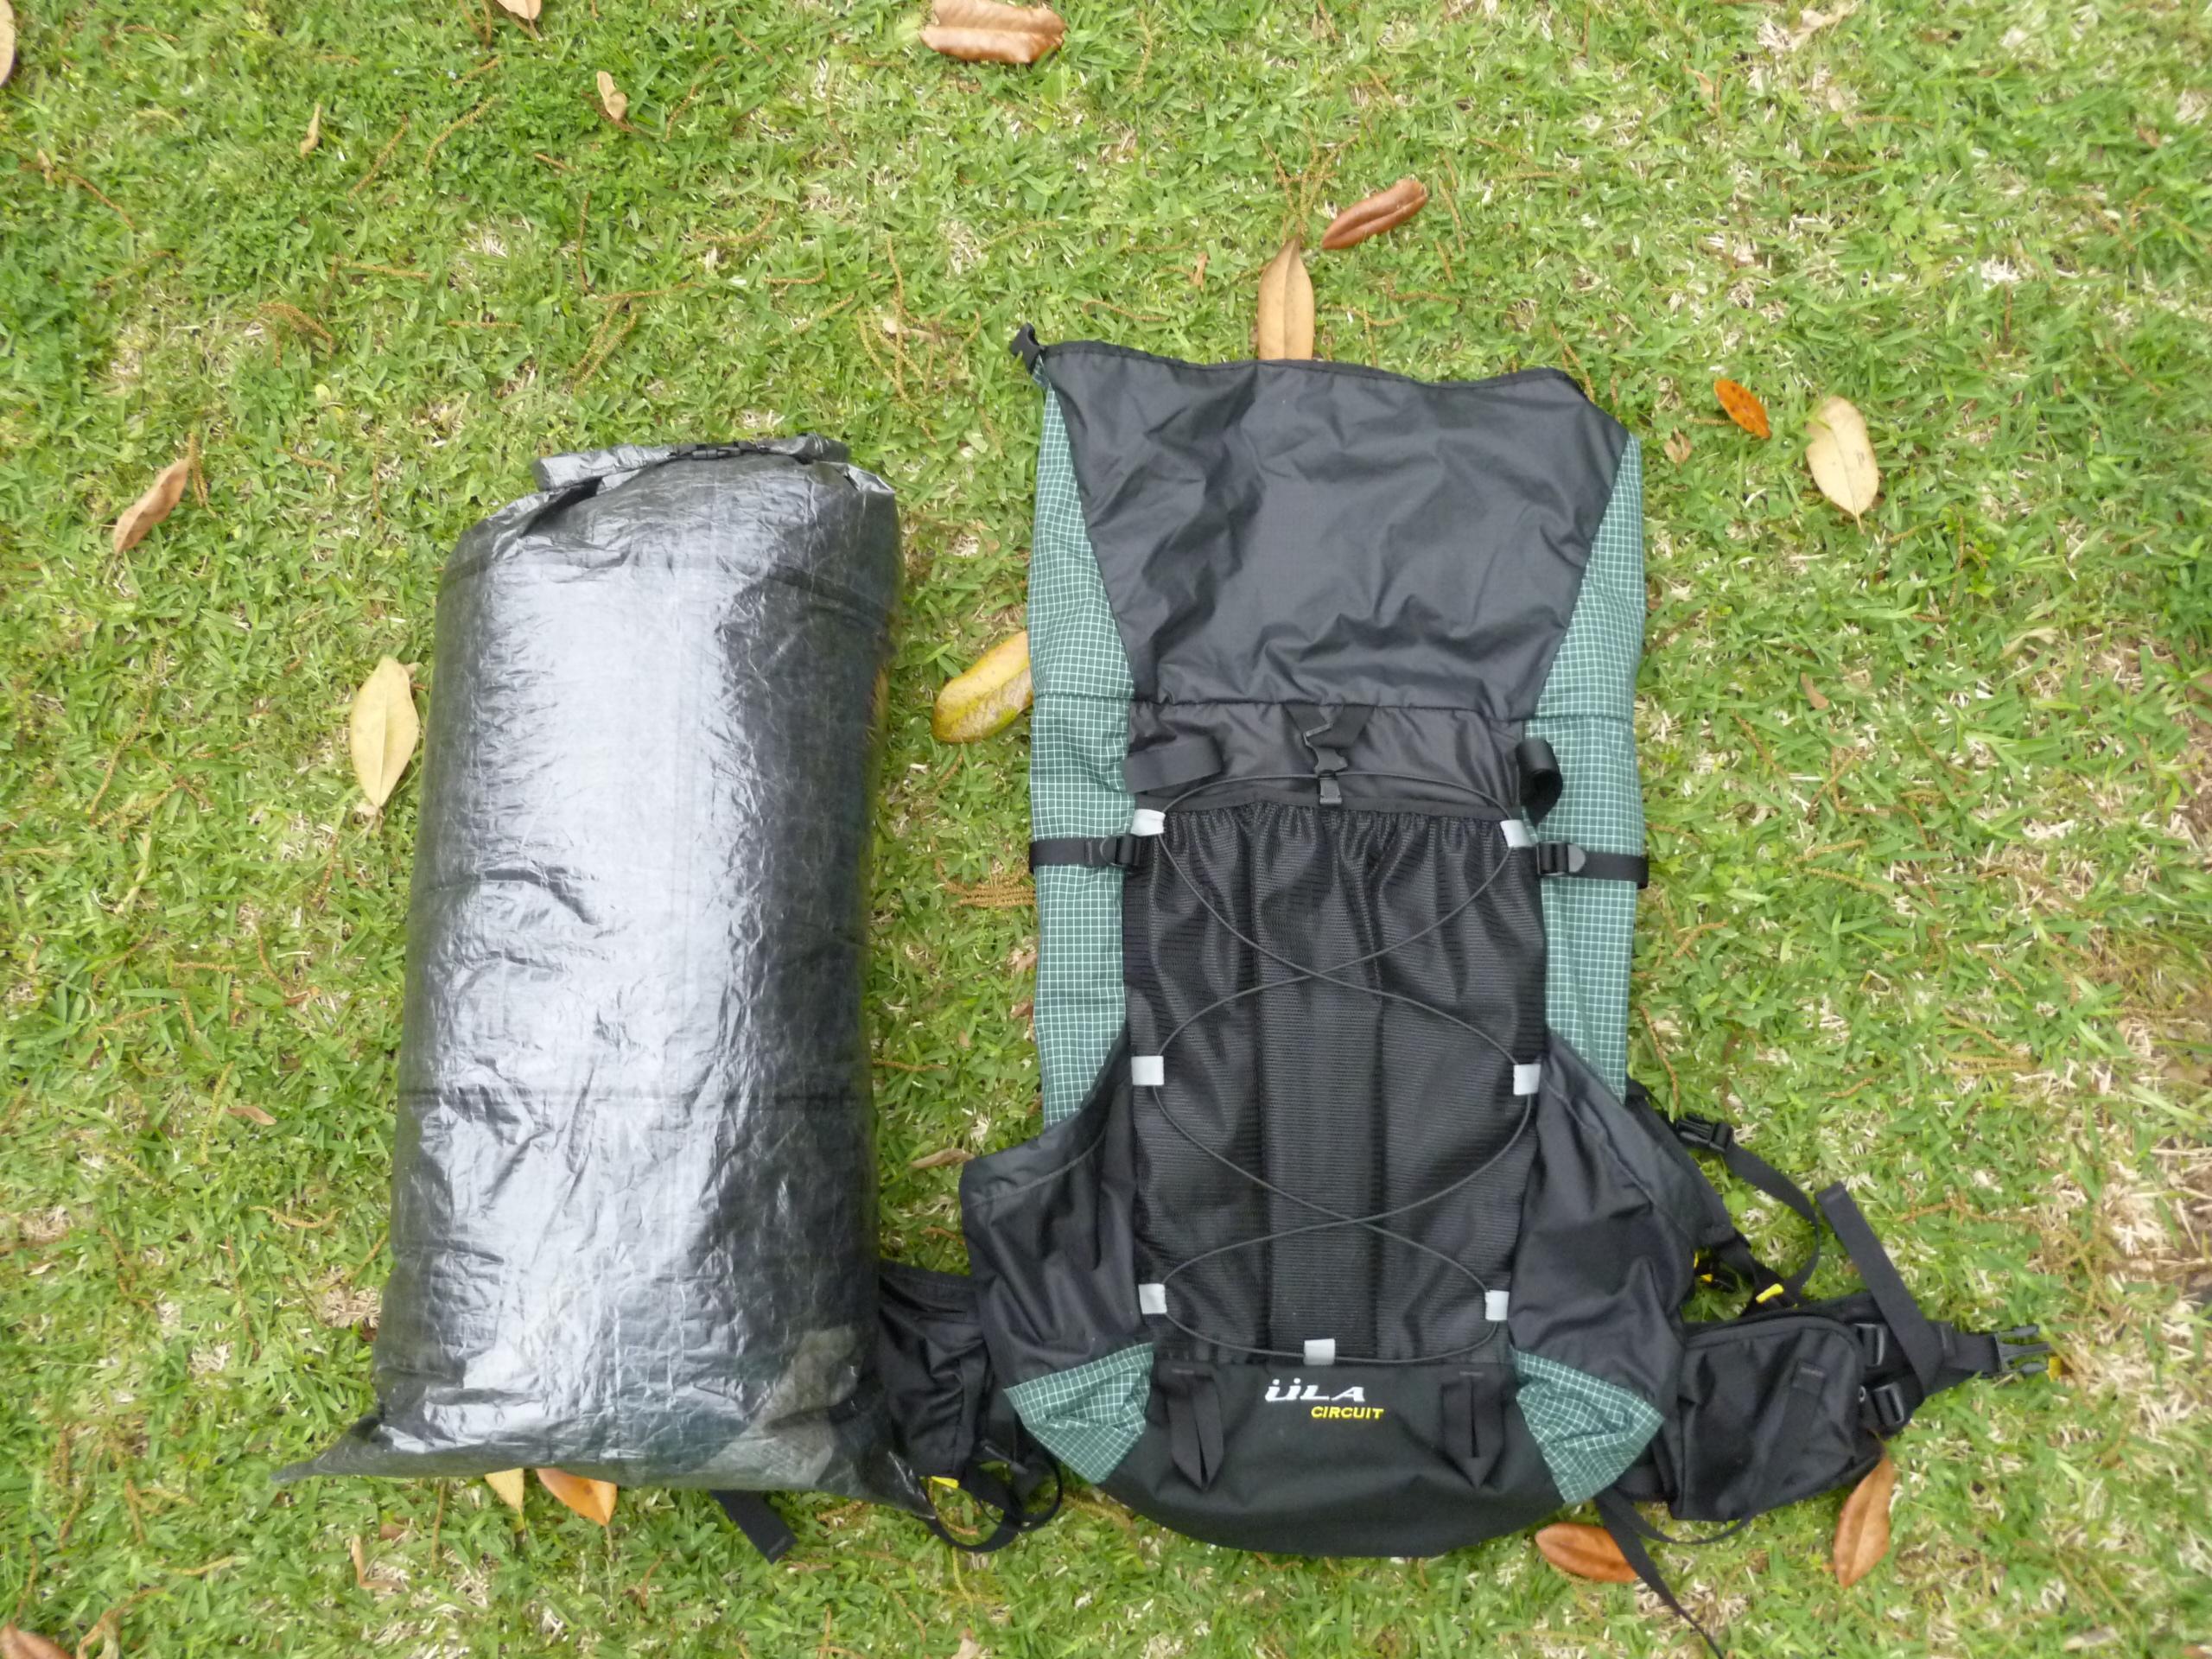 ZPacks Cuben Fiber 18 x 36 Dry Sack Pack Liner | Stick's Blog